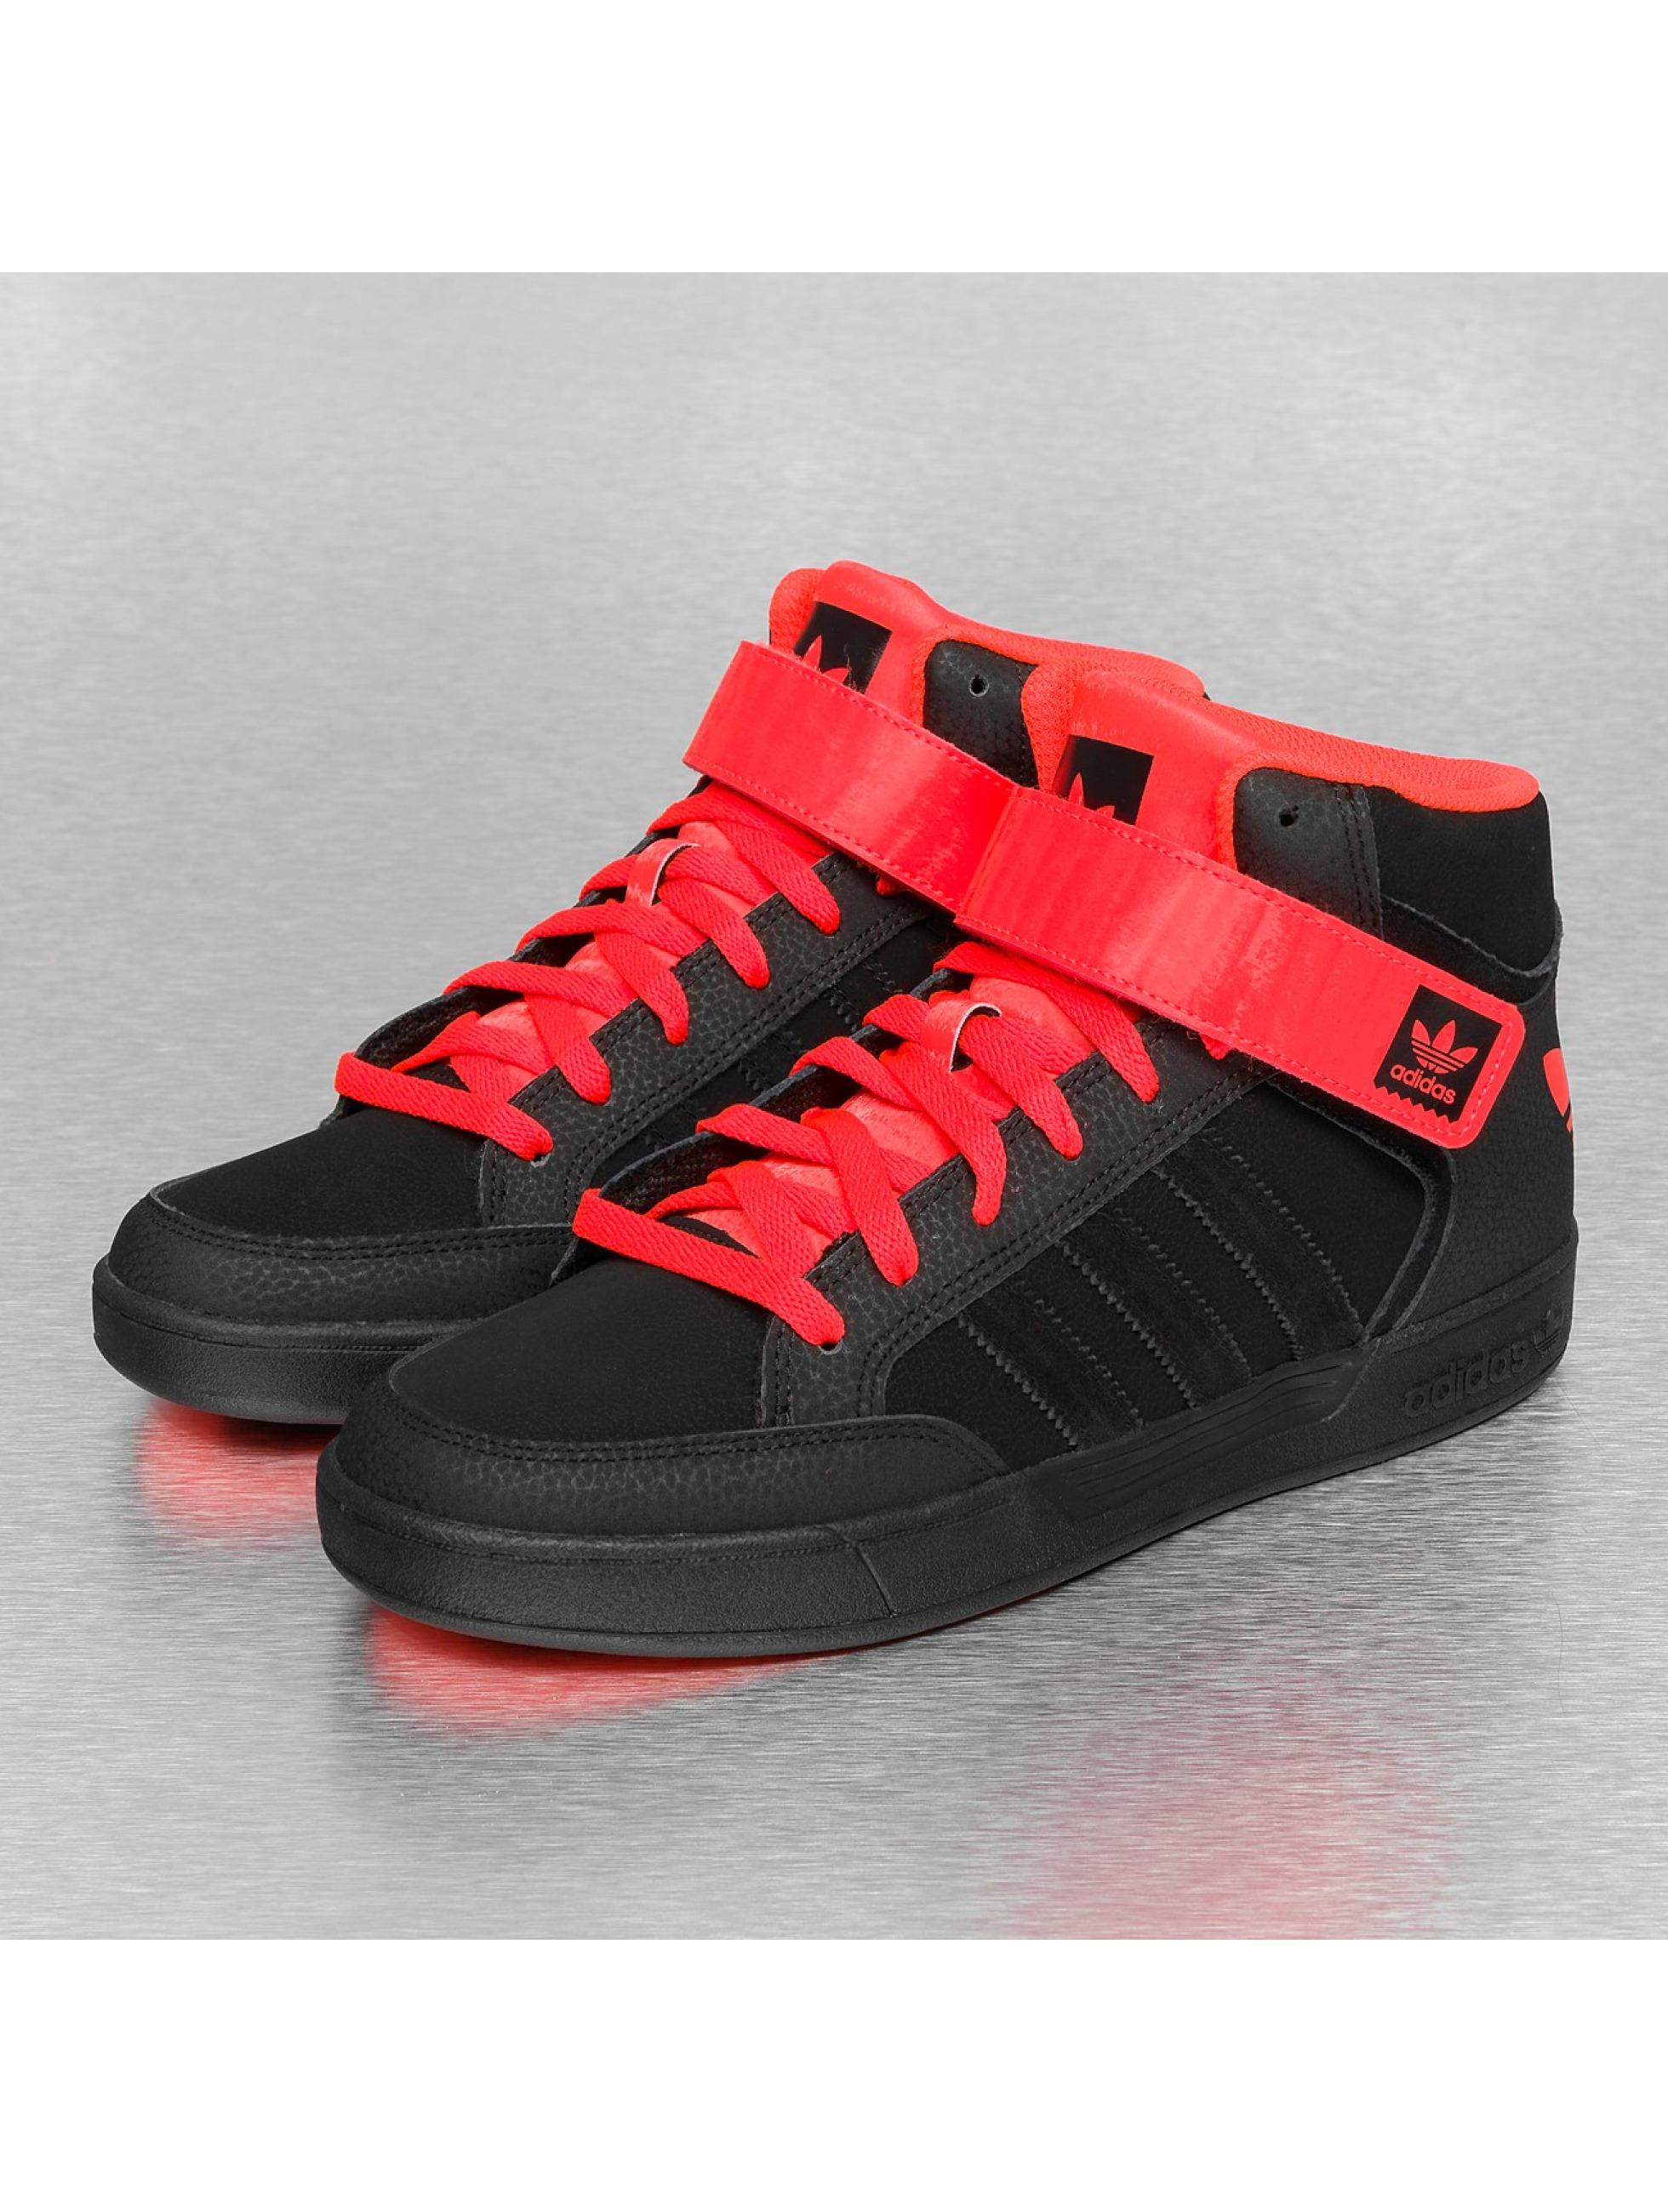 on sale d54f3 aed4c adidas originals varial mid m